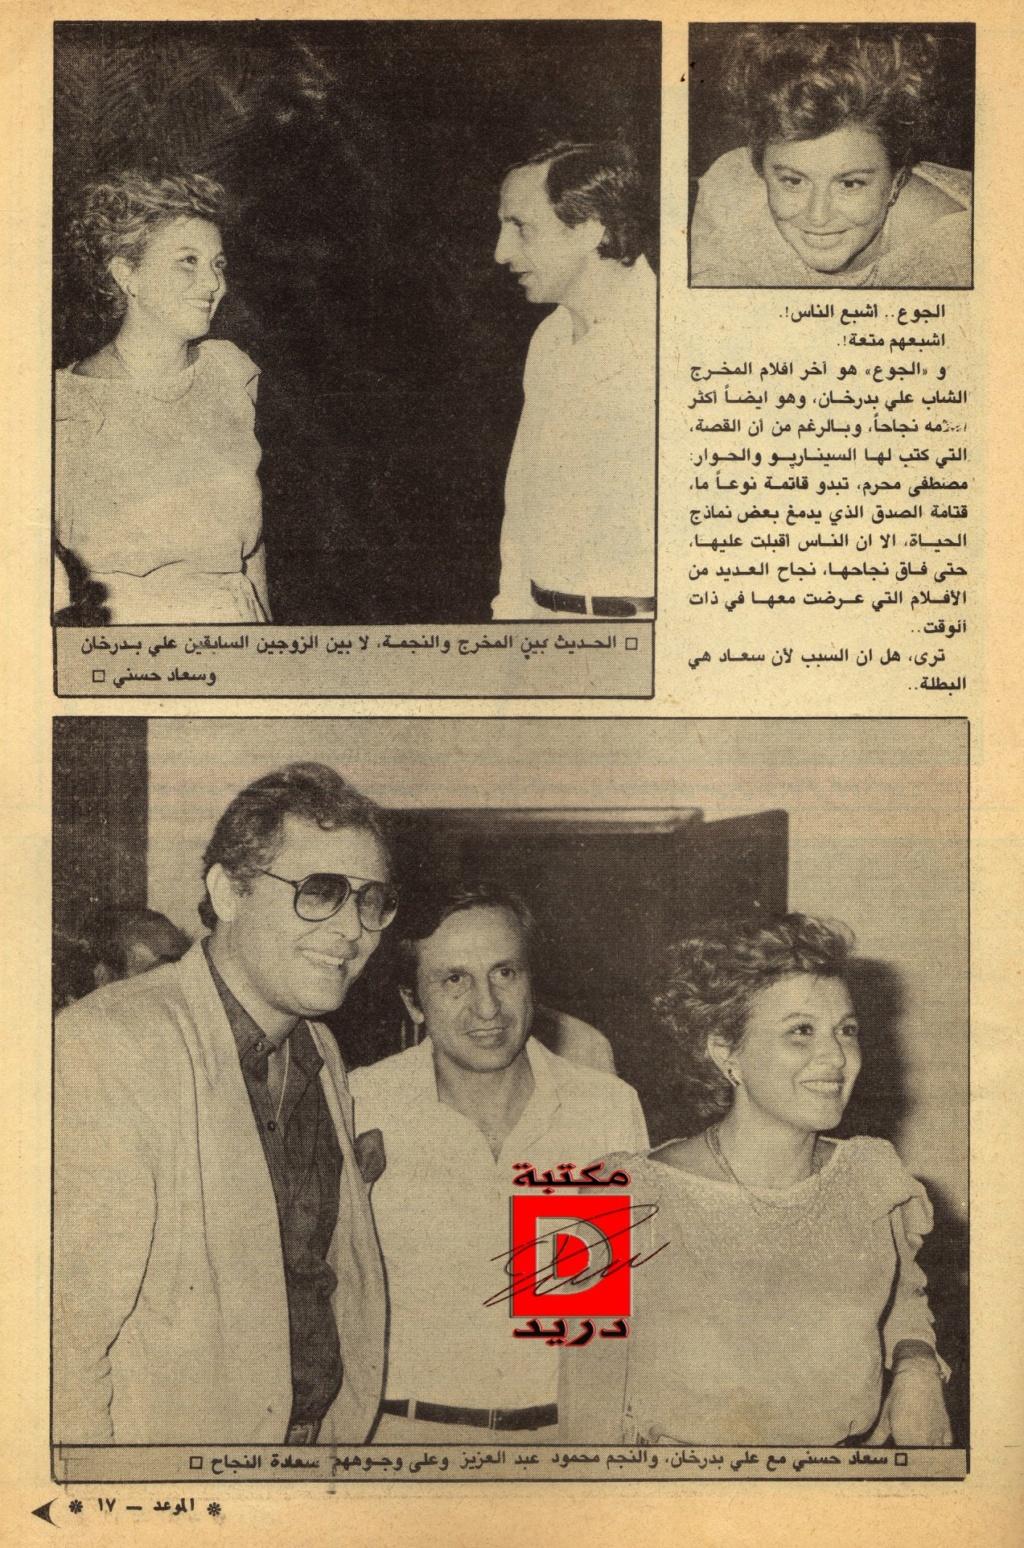 مقال صحفي : سعاد حسني .. لماذا تنجح دائماً في افلام مطلقها ؟ 1986 م 224